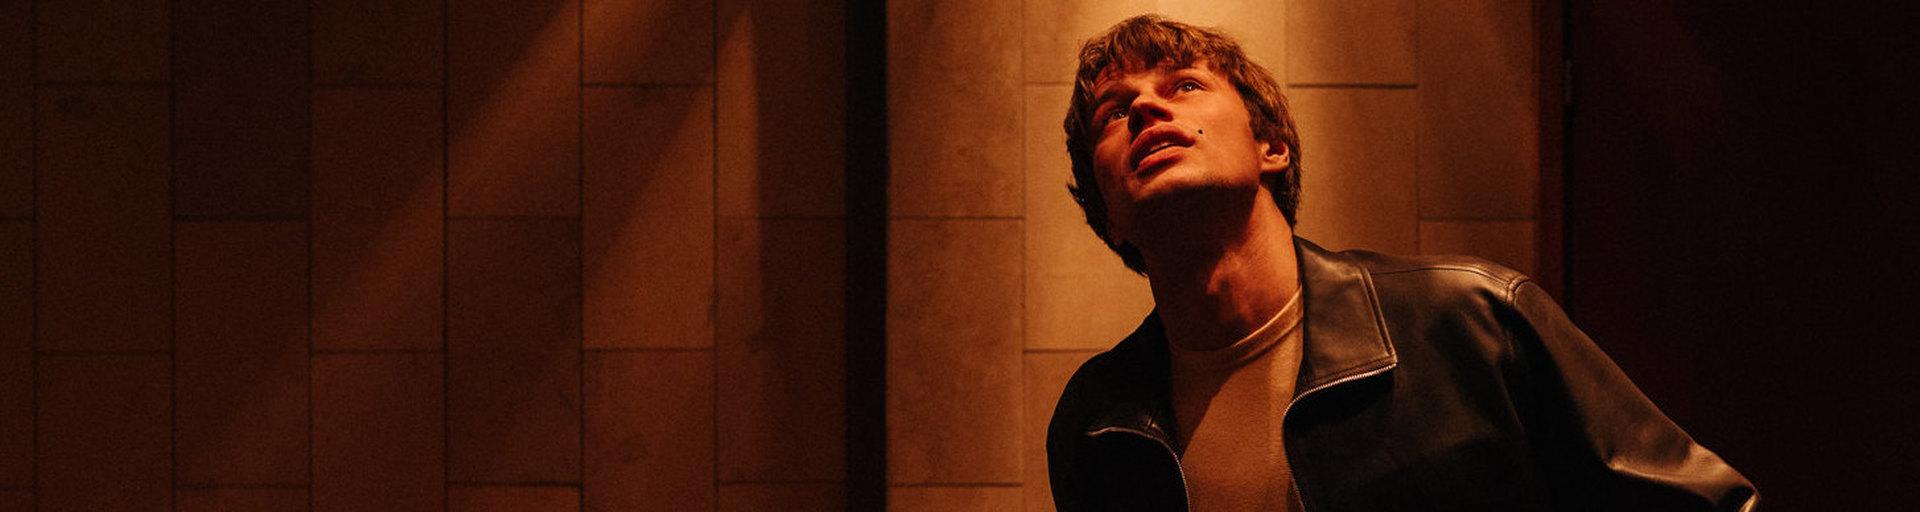 Актер Иван Мулин — опробах в«Очень странные дела», страхах исомнениях